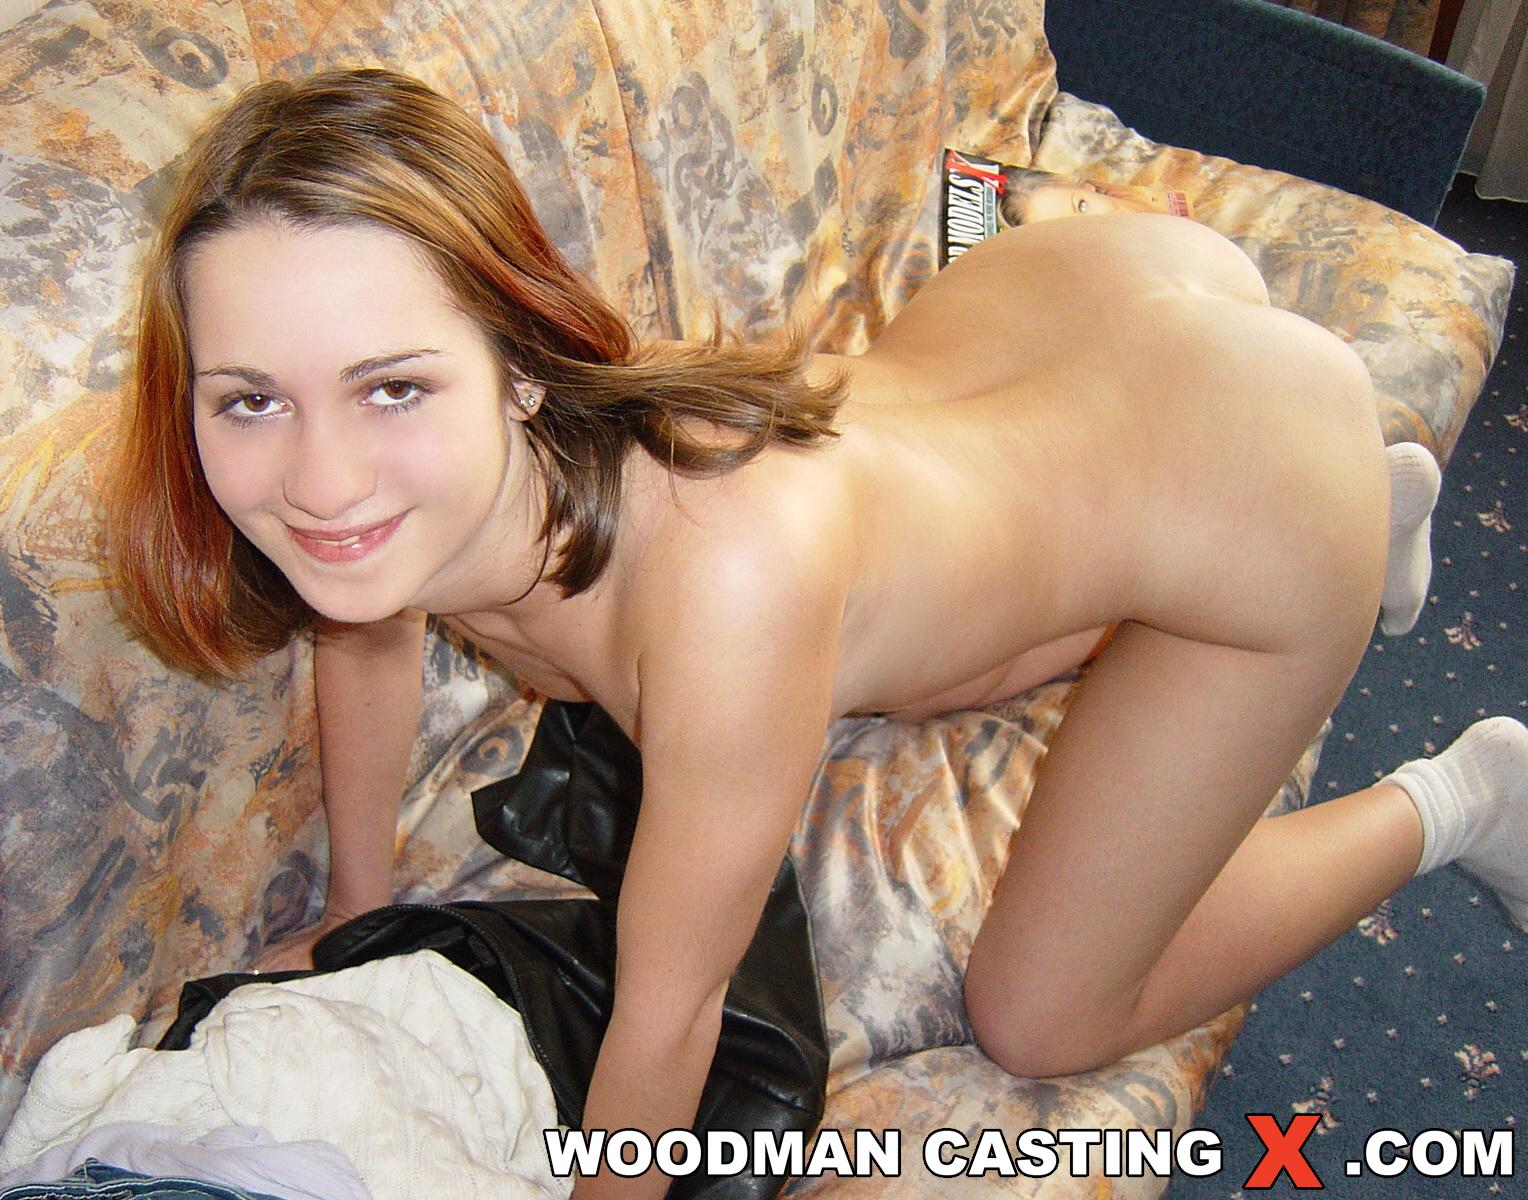 Русские порно актрисы с кастинга вудмана 15 фотография